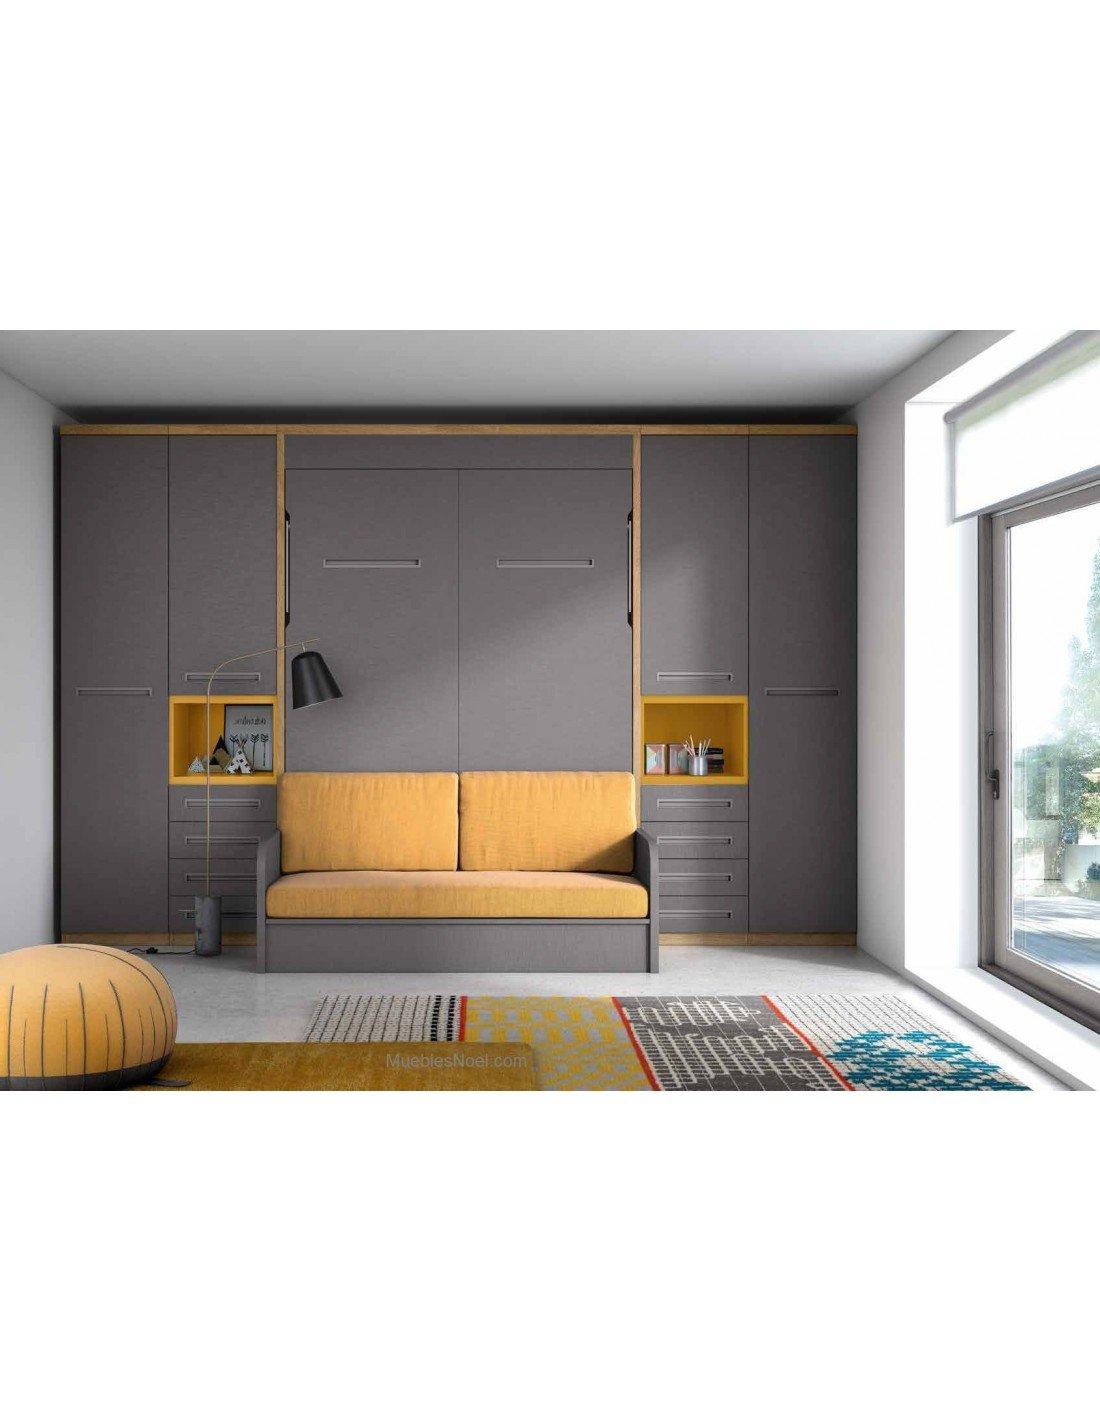 Armario con cama dentro y sofá debajo Centro Madrid.